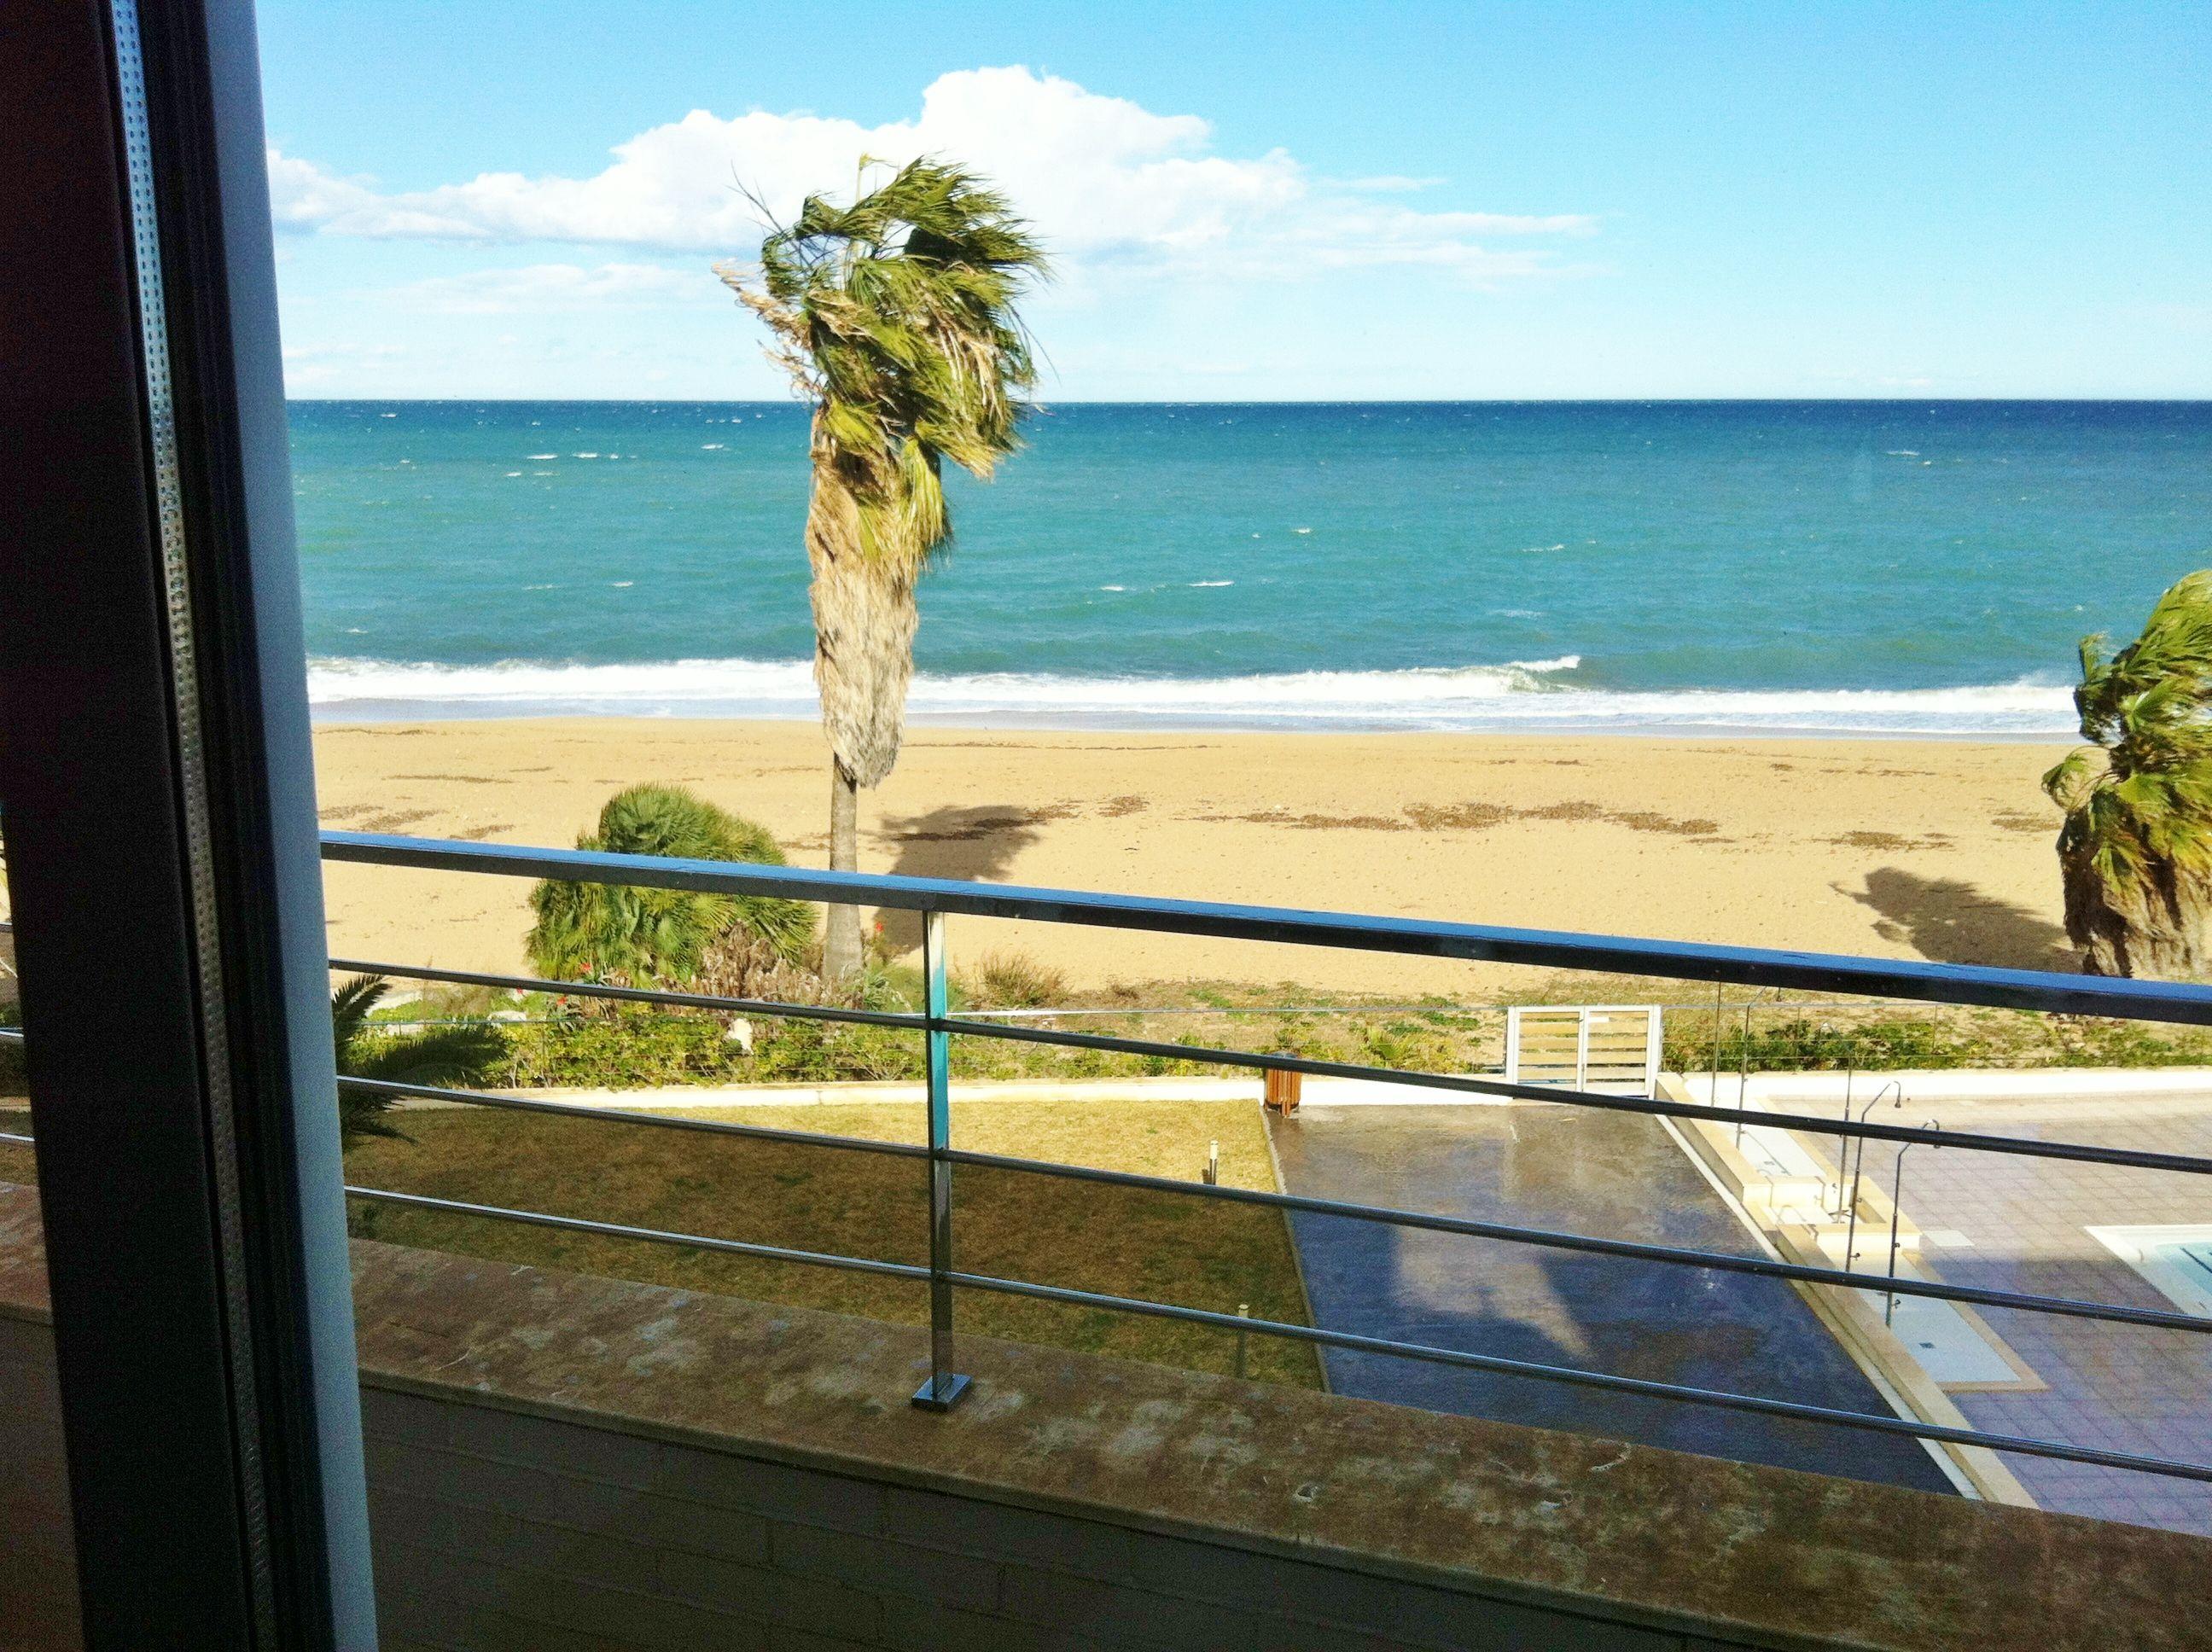 {:es}Duplex en Dénia, 1ª linea de playa | 125 m² | 2 dorm.{:}{:en}Duplex in Dénia, 1st line of the beach | 125 m² | 2 bedrooms{:}{:de}Duplex in Dénia, 1. Strandlinie | 125 m² | 2 SZ{:}{:fr}Duplex à Dénia, 1ère ligne de la plage | 125 m² | 2 chambres{:}